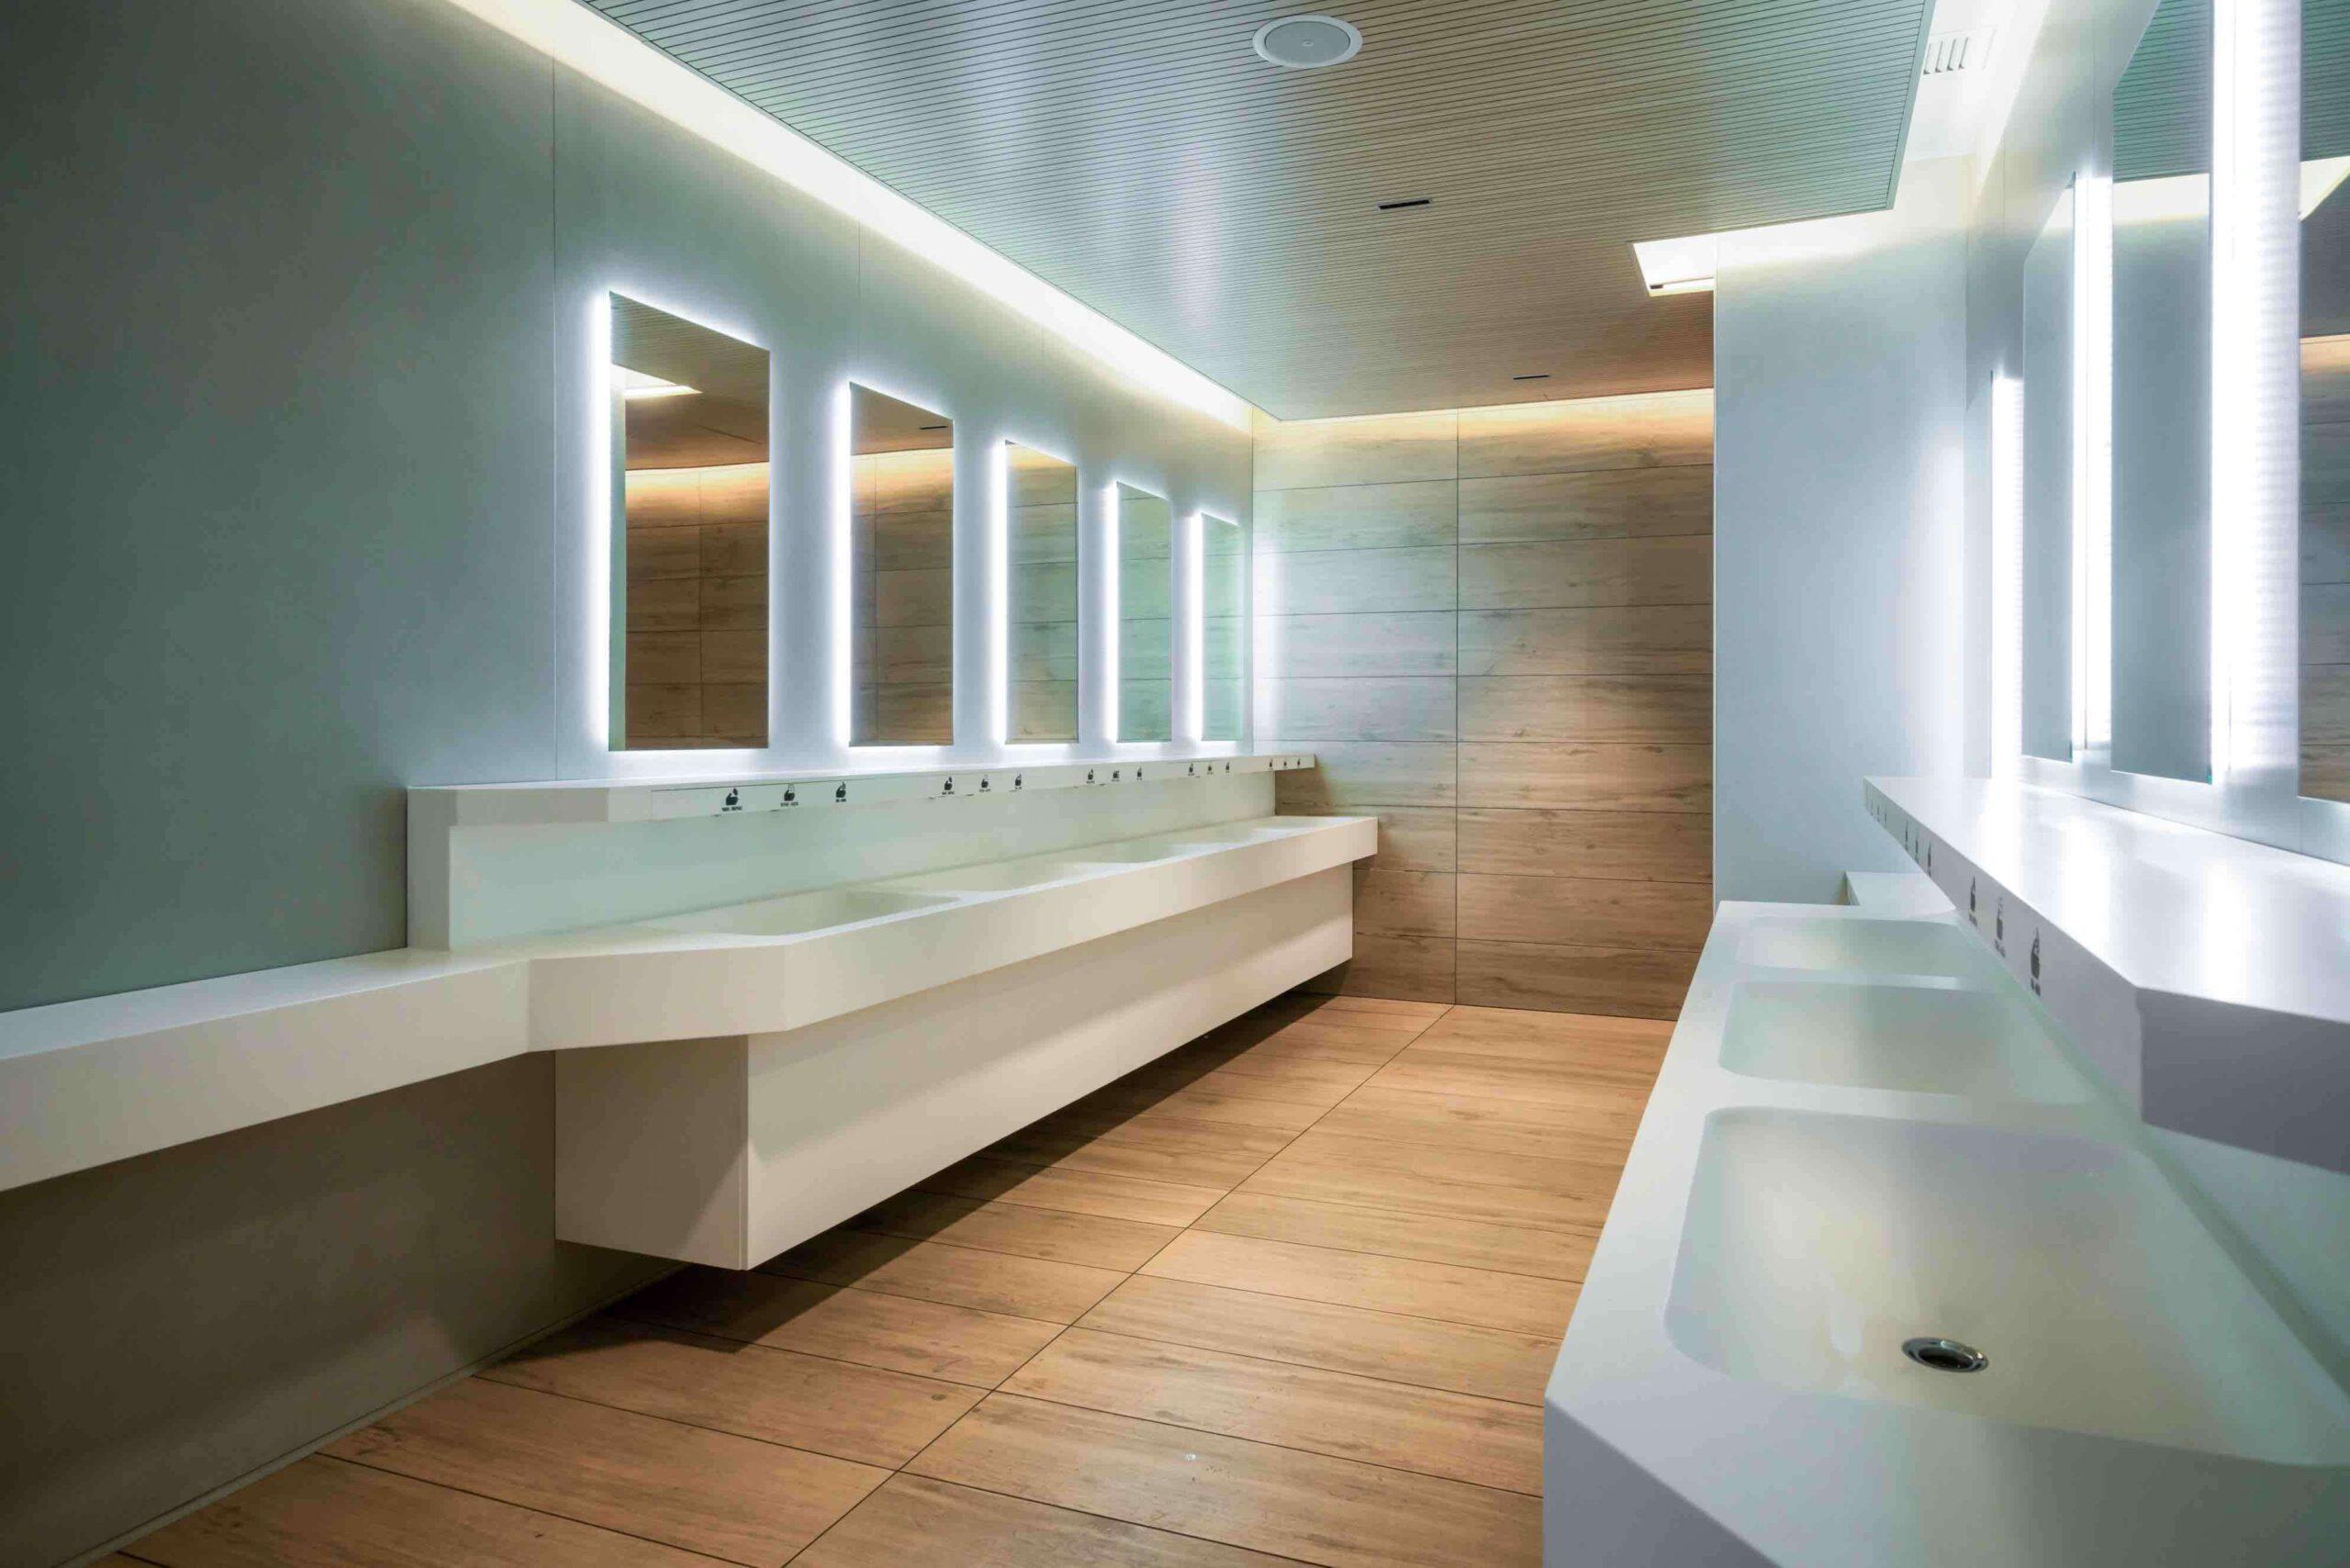 diseño de ilumiacion LED para hogar y baños modernos